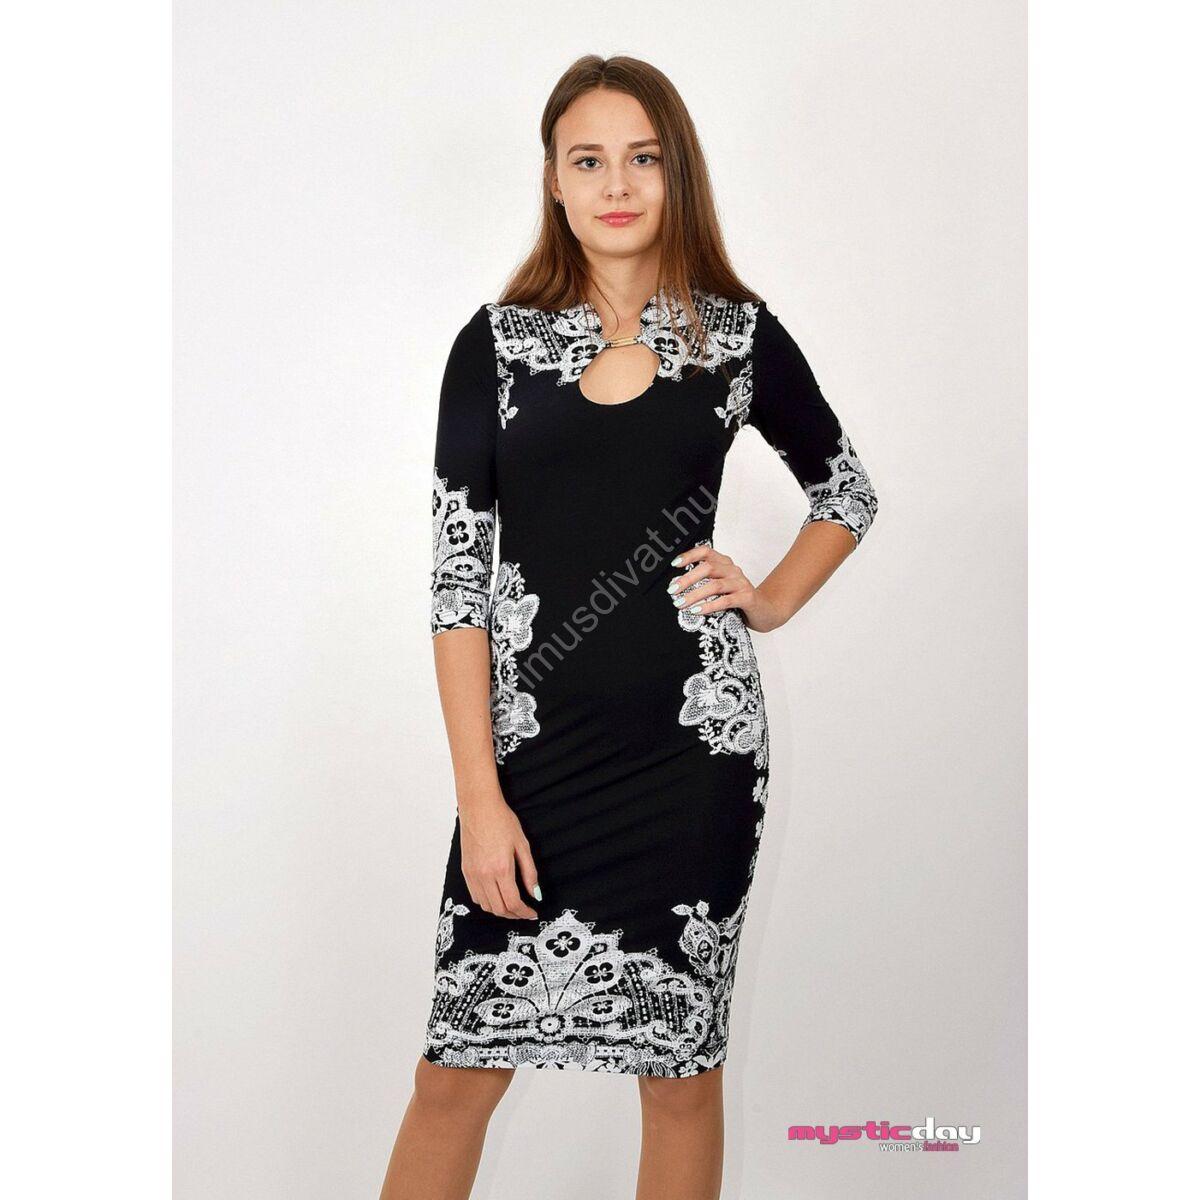 Mystic Day fehér csipkemintás fekete viszkóz ruha c5e2c87b84